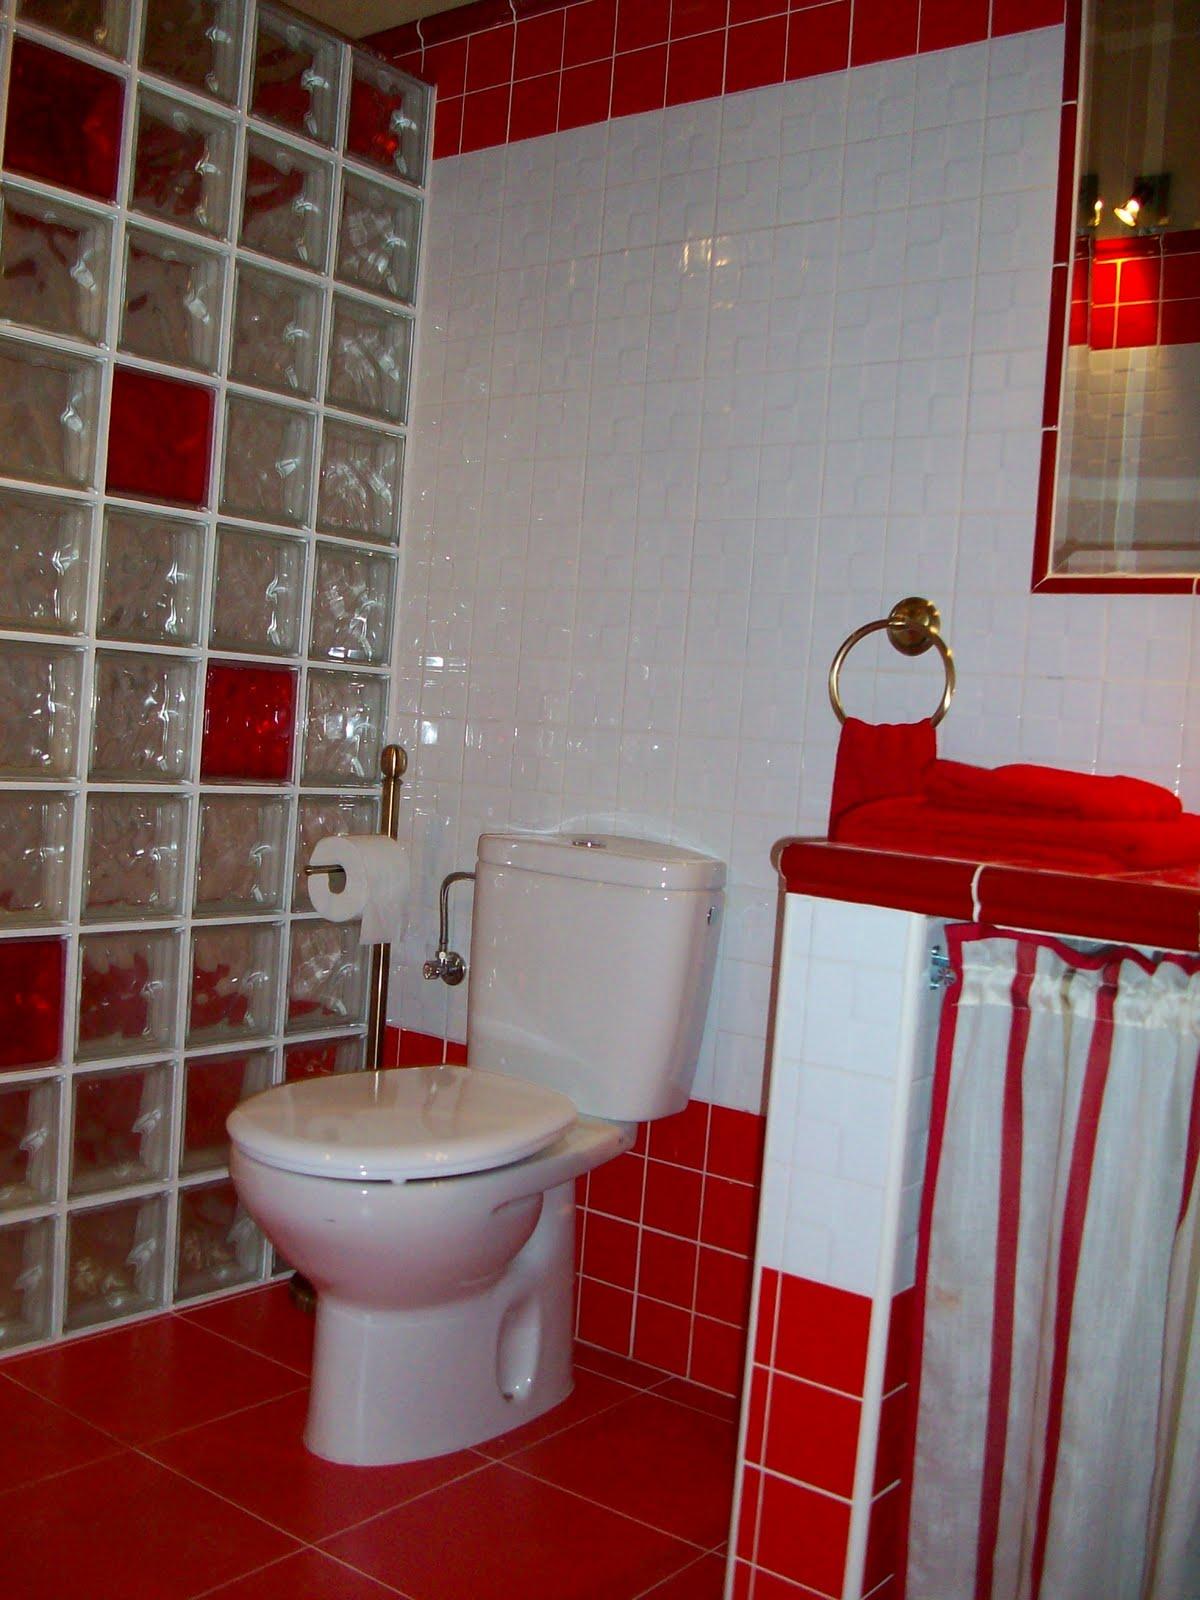 Baños Con Azulejos Rojos:El cuarto de baño rojo es mi favorito